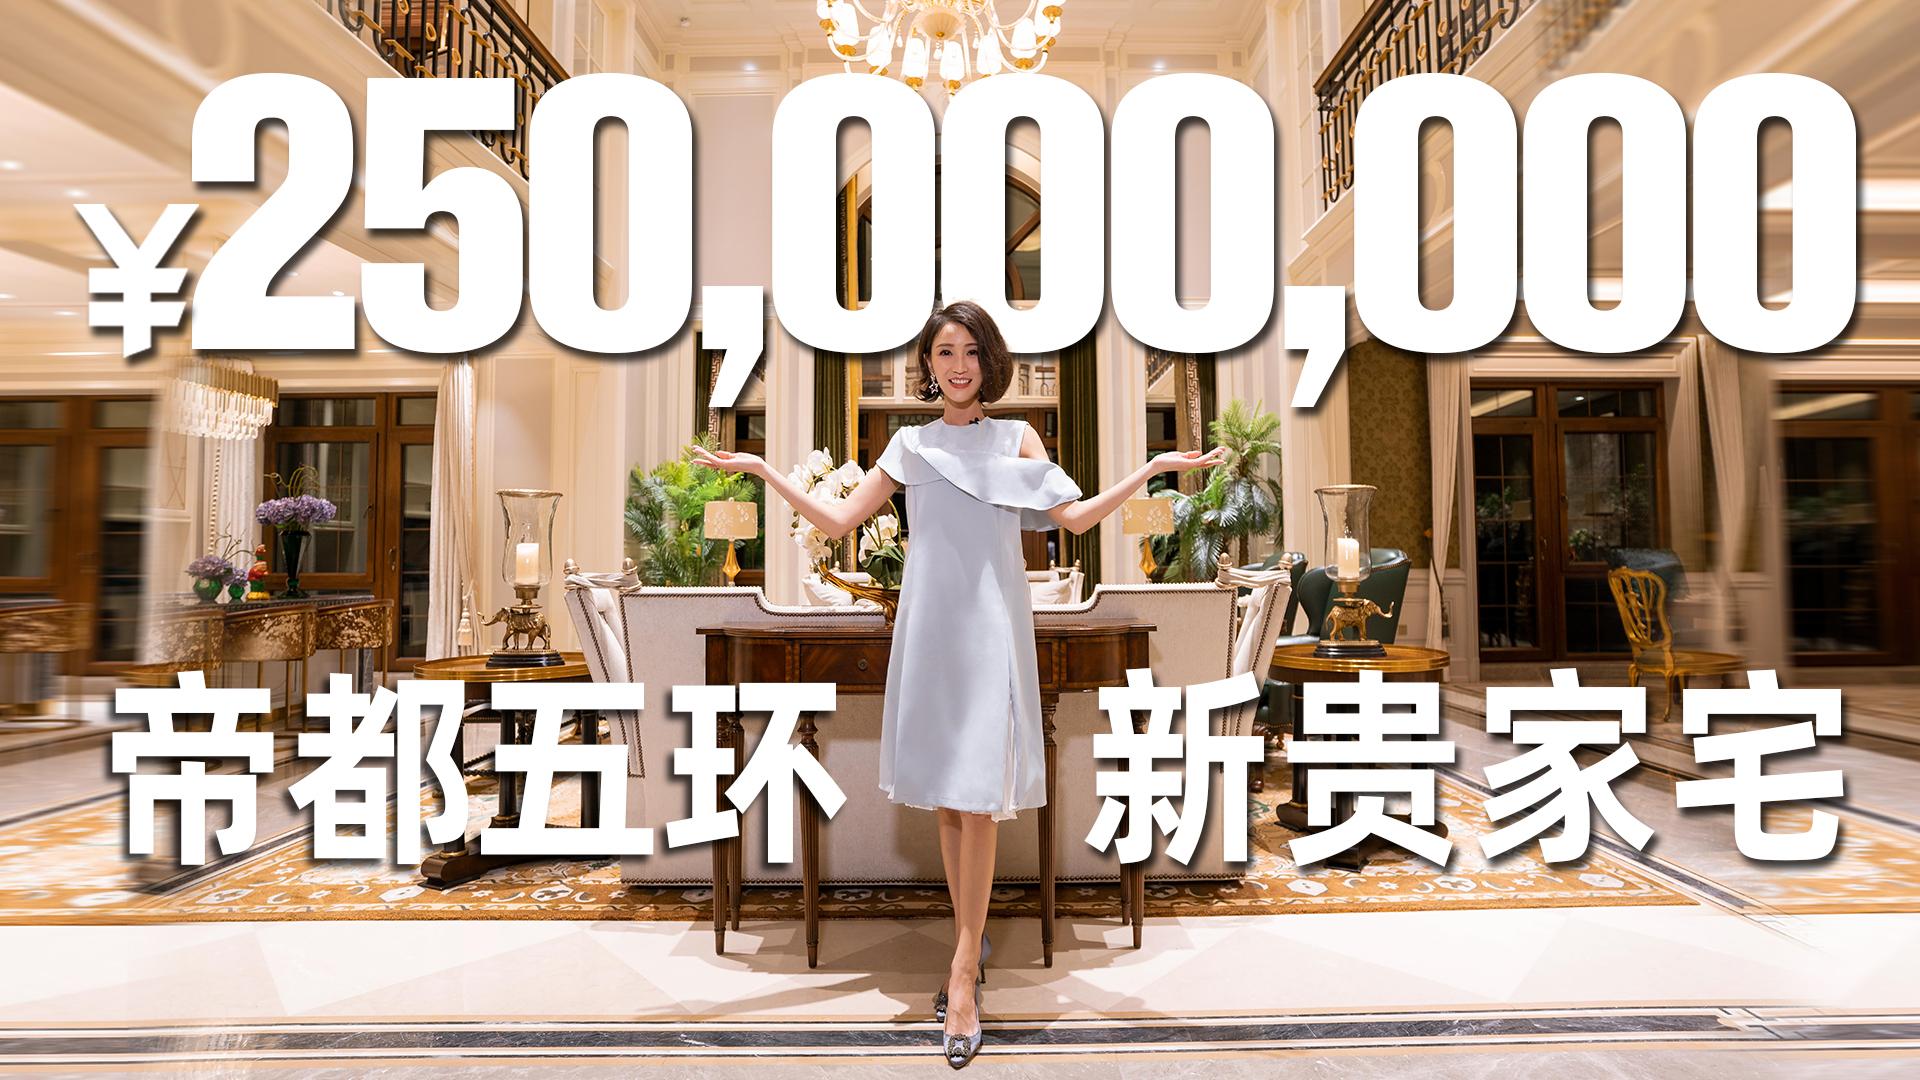 【洋房姐姐】[4K] 帝都2.5亿的别墅里,跟洋房姐姐看一场4D电影可好?